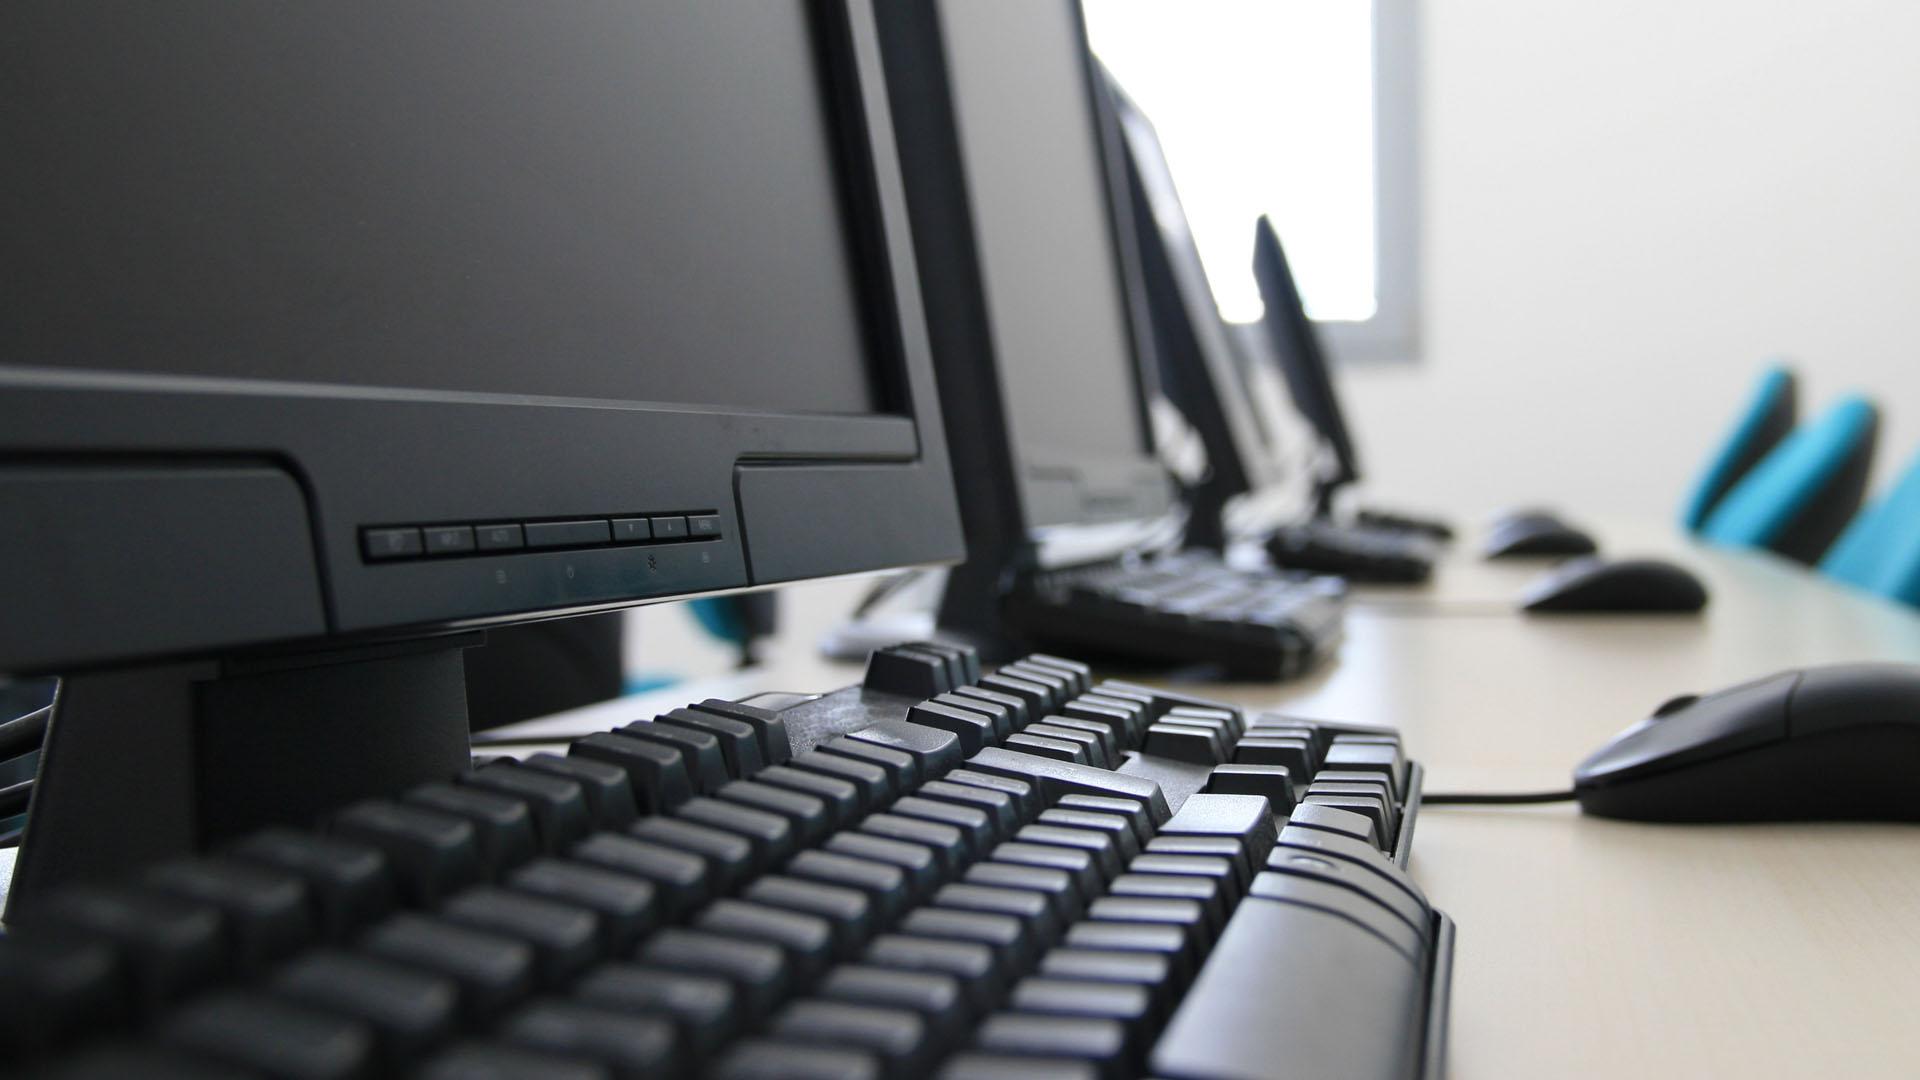 Celerbit adopta novo software de Assistência Remota